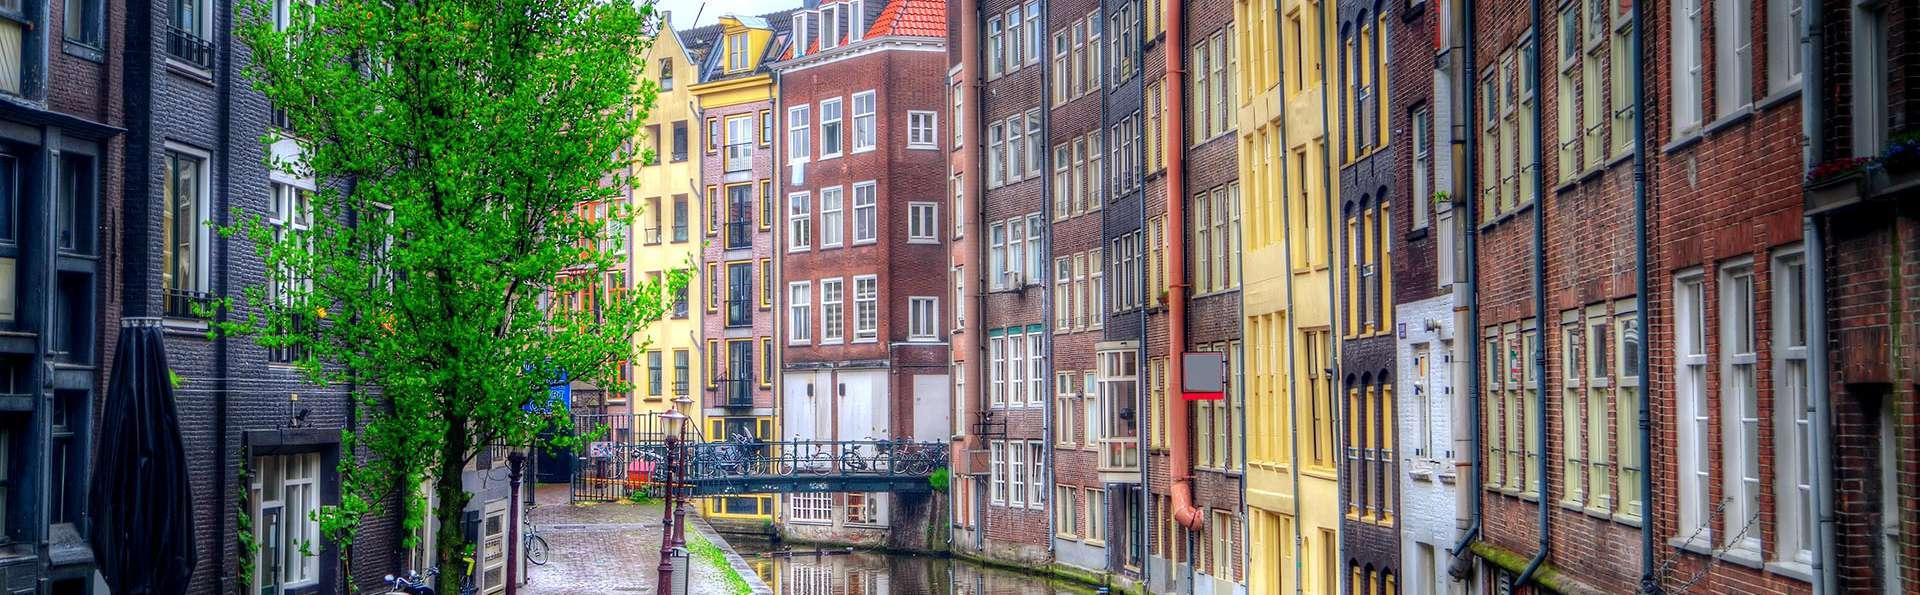 Visitez Amsterdam confortablement installé dans un hôtel quatre étoiles